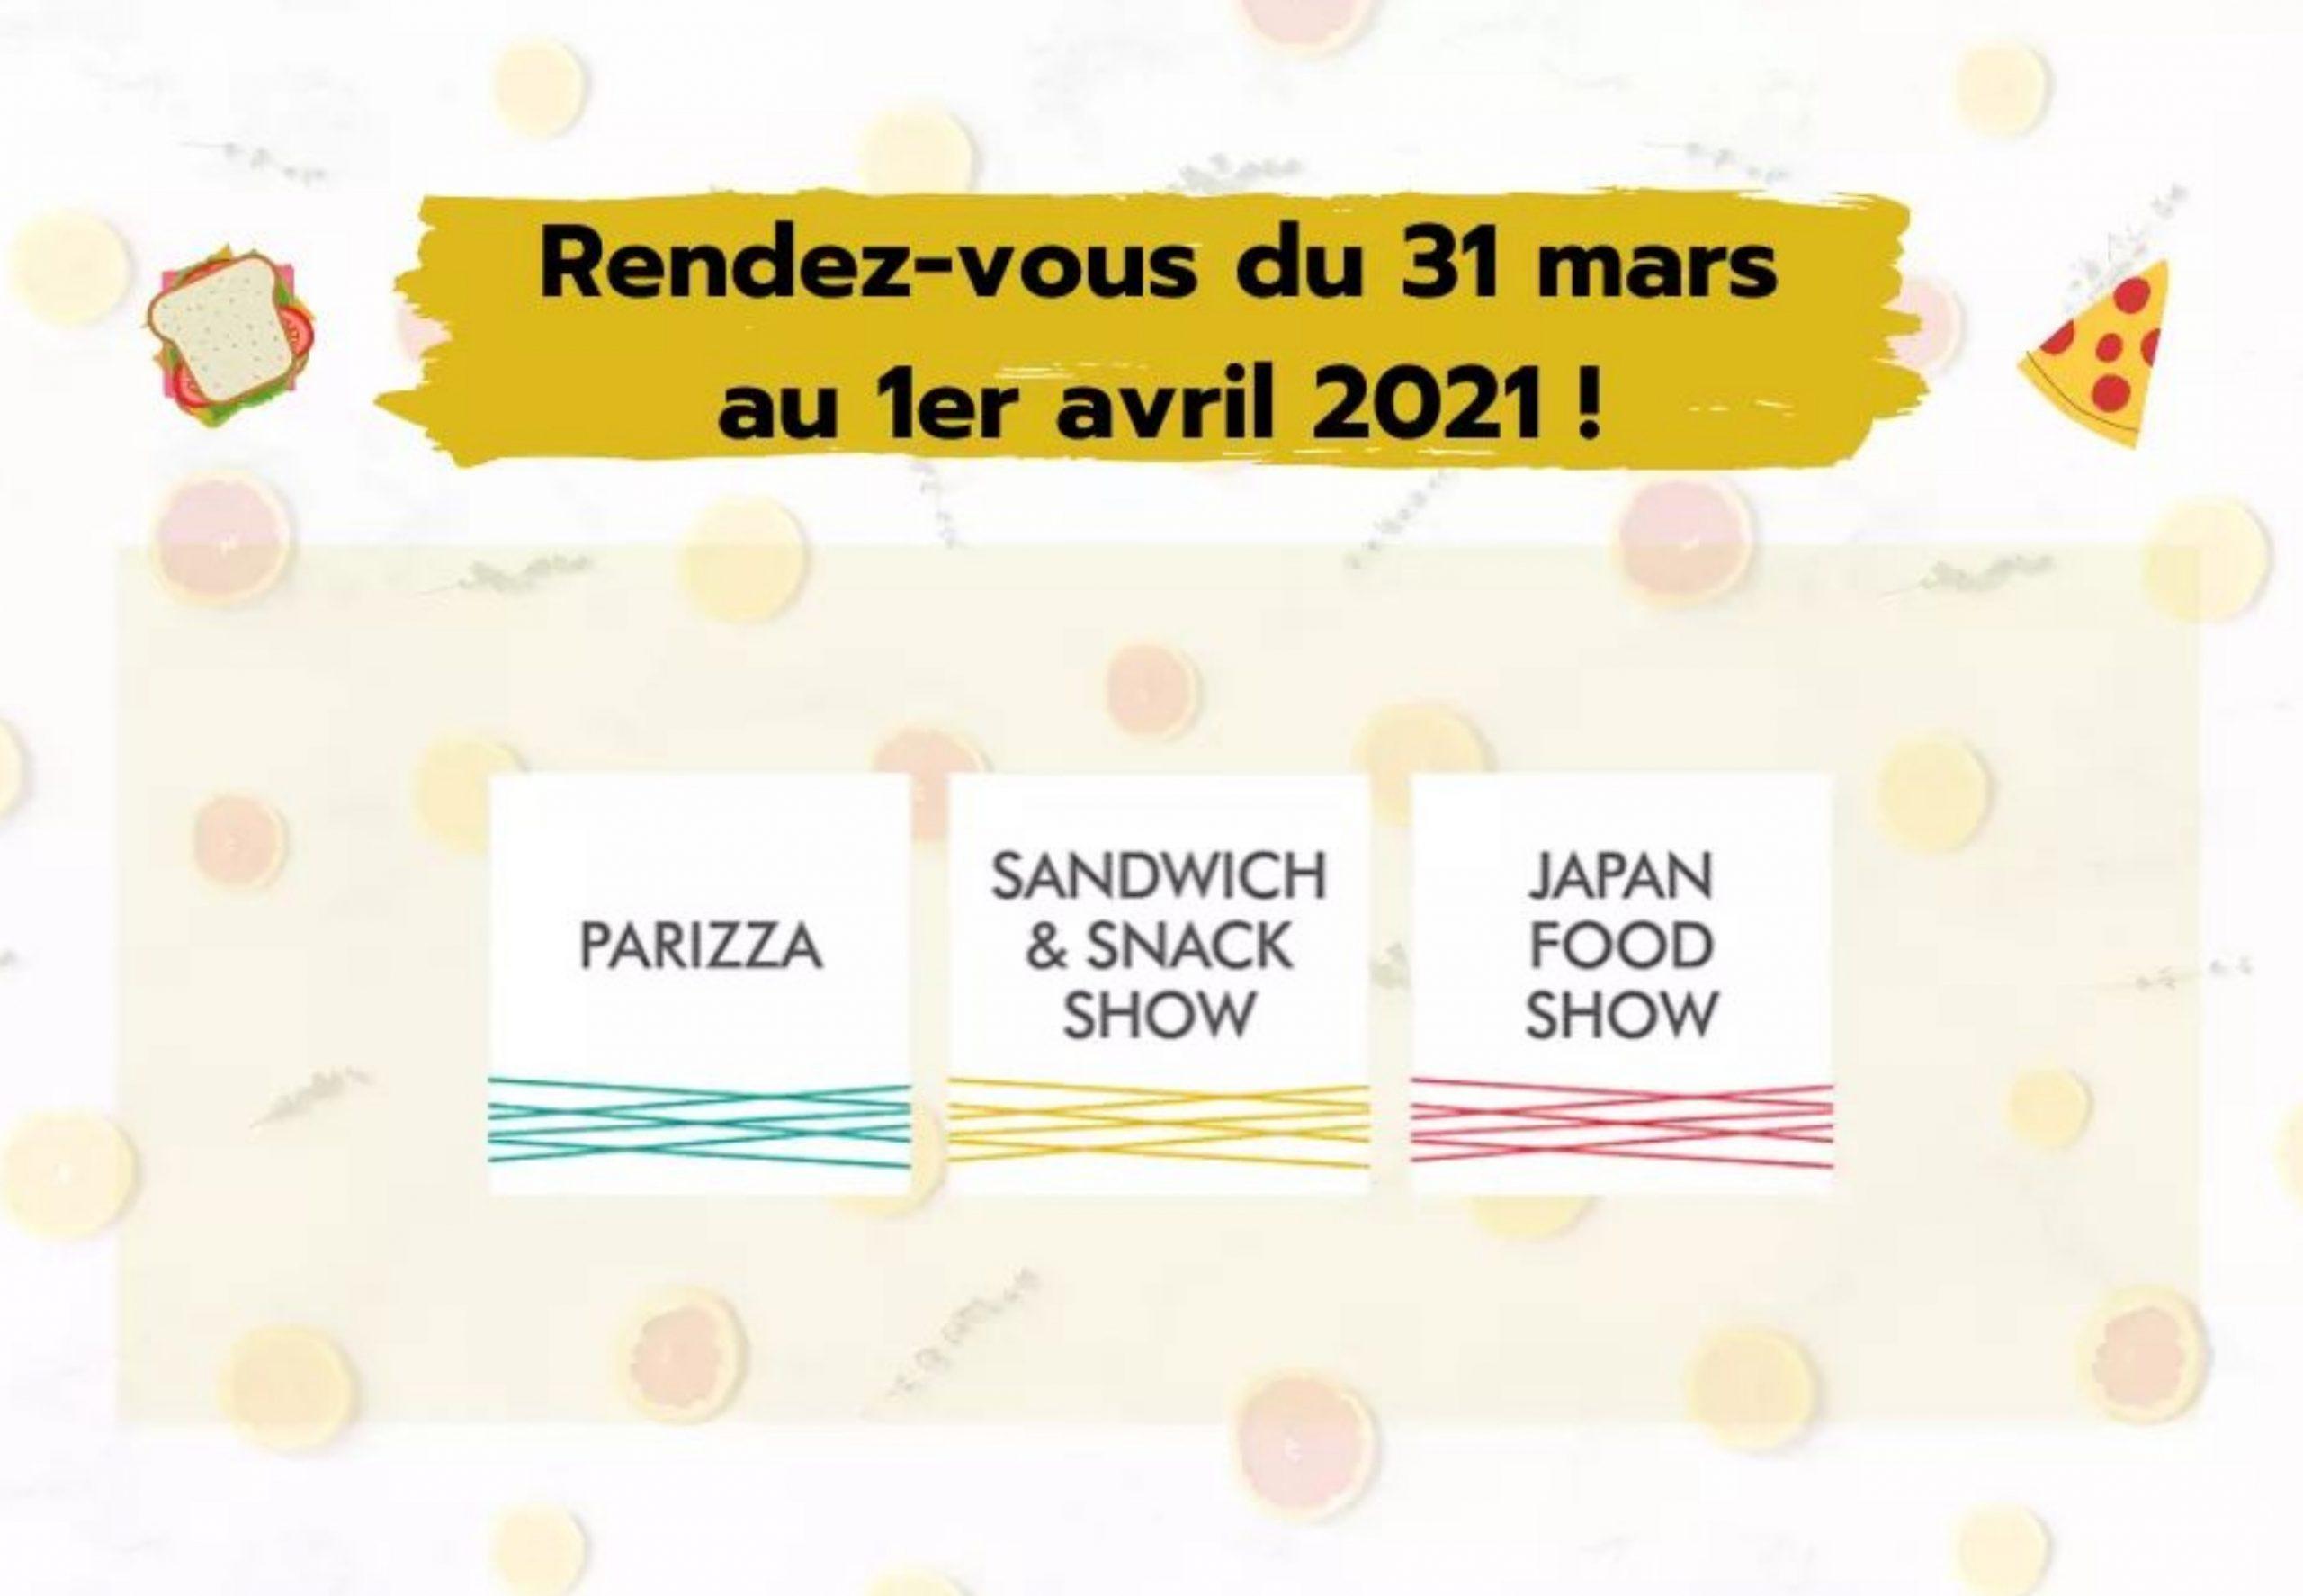 Sandwich & Snack Show 2021